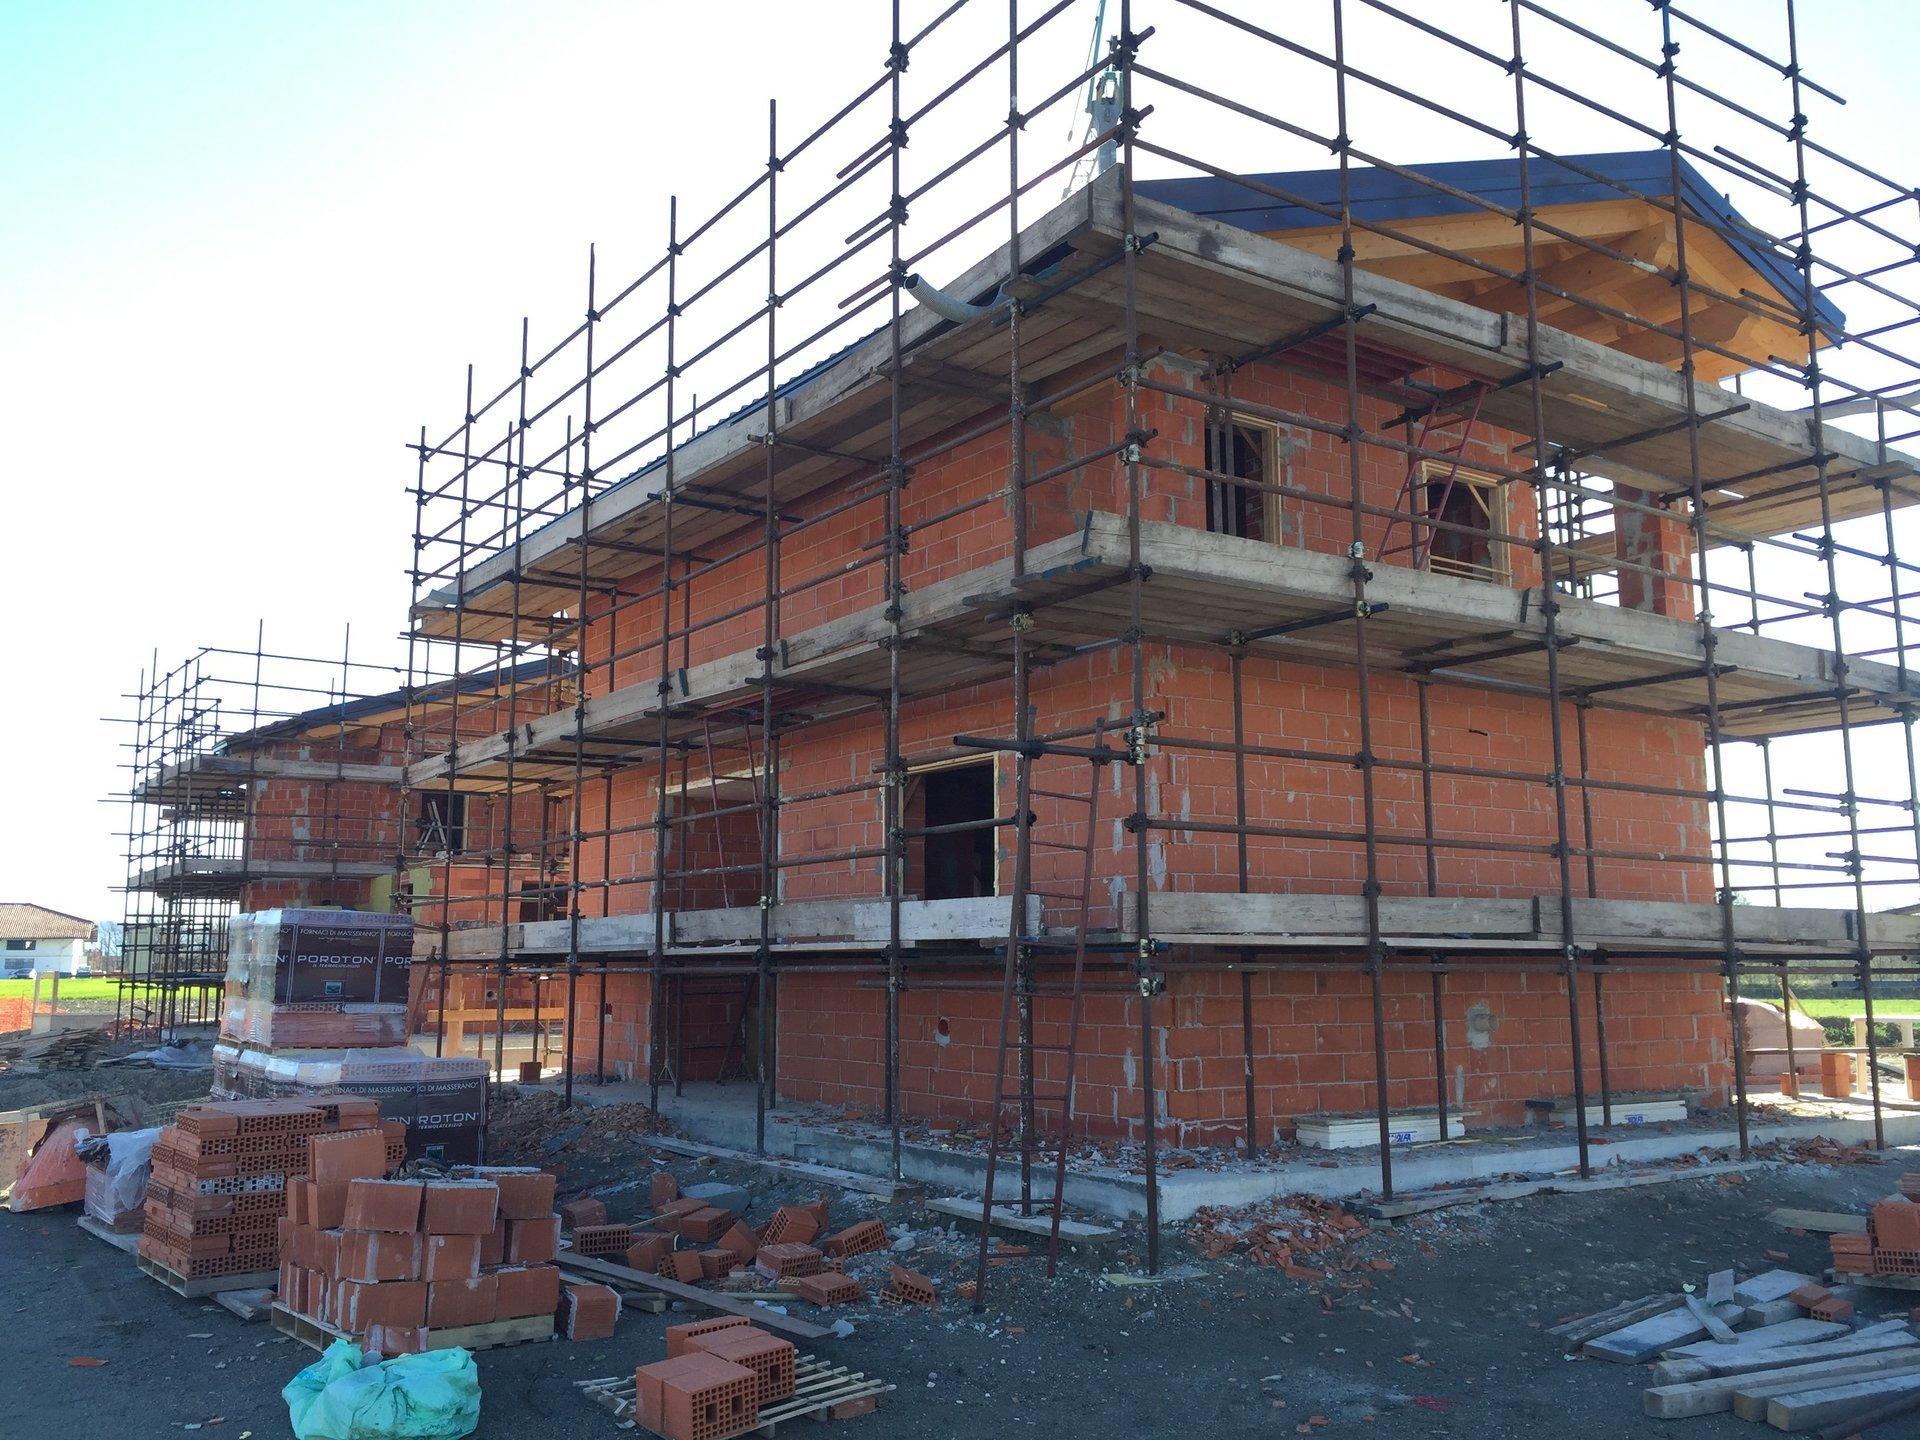 vista angolare di una casa durante ristrutturazione con ponteggi